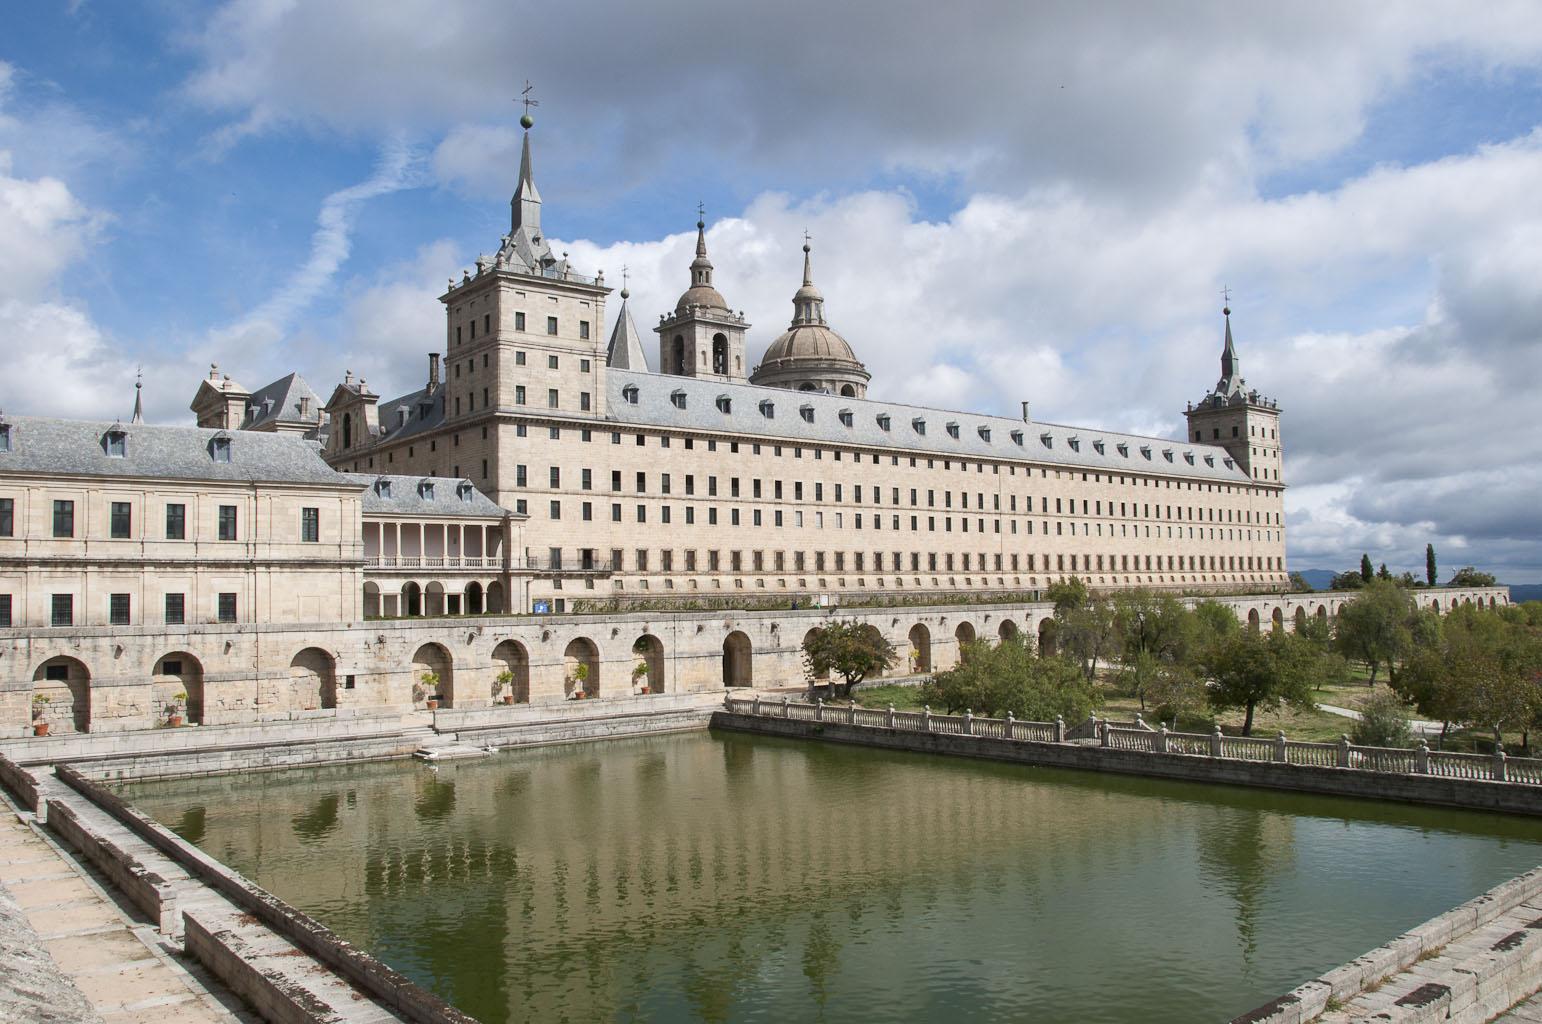 Monasterio y Sitio de El Escorial